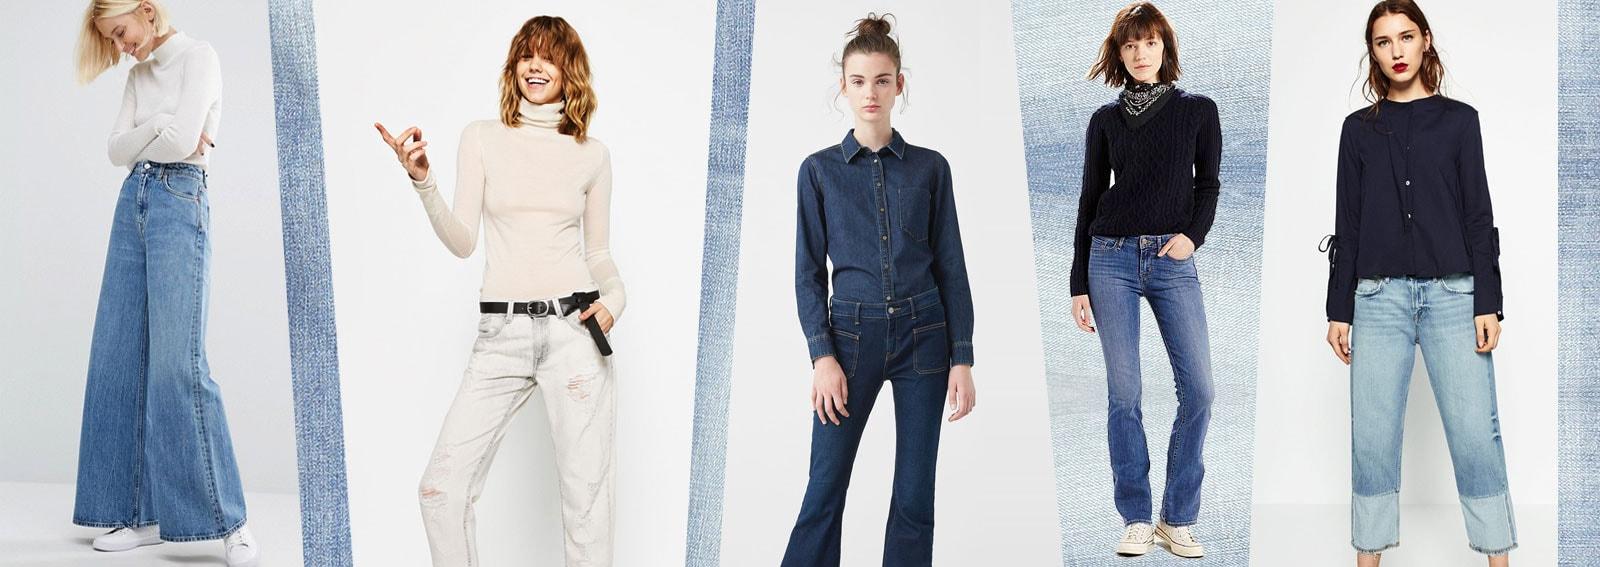 cover come scegliere i jeans giusti desktop